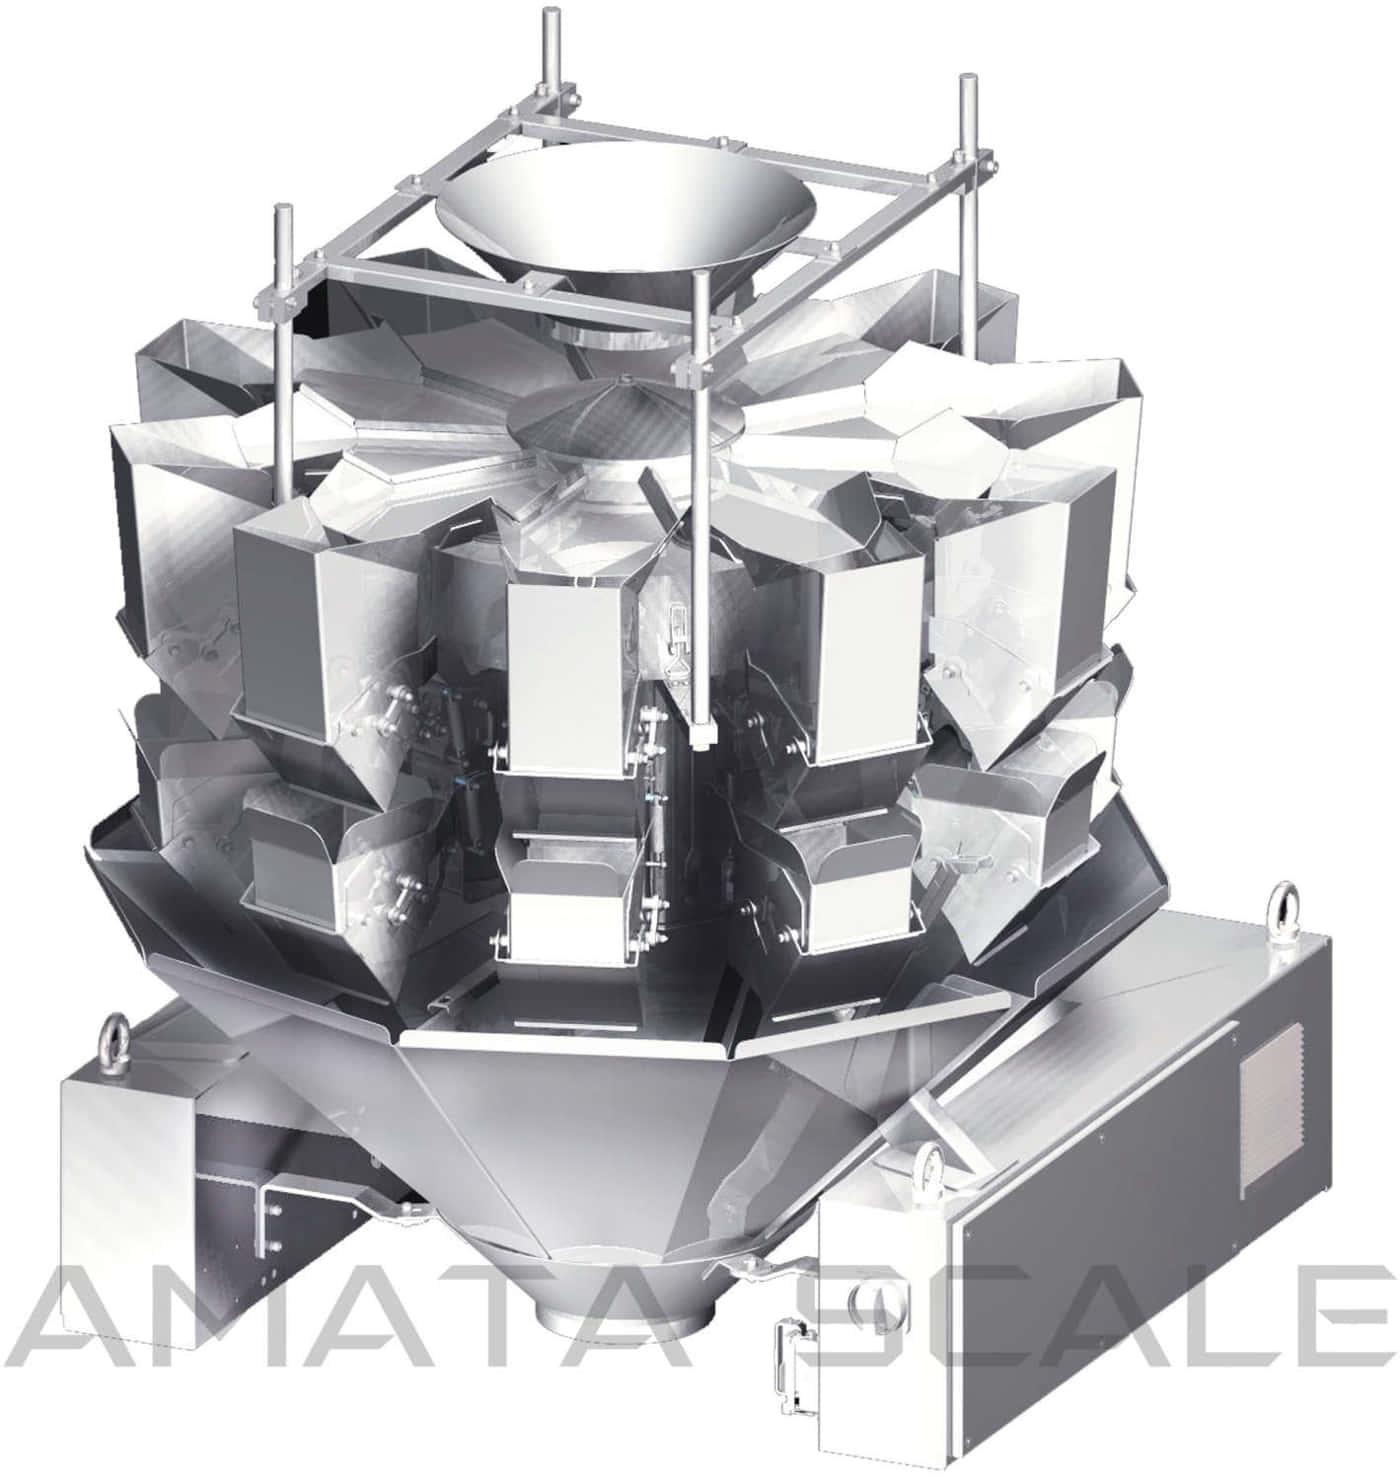 AMATA-КАТЕ-210-R45